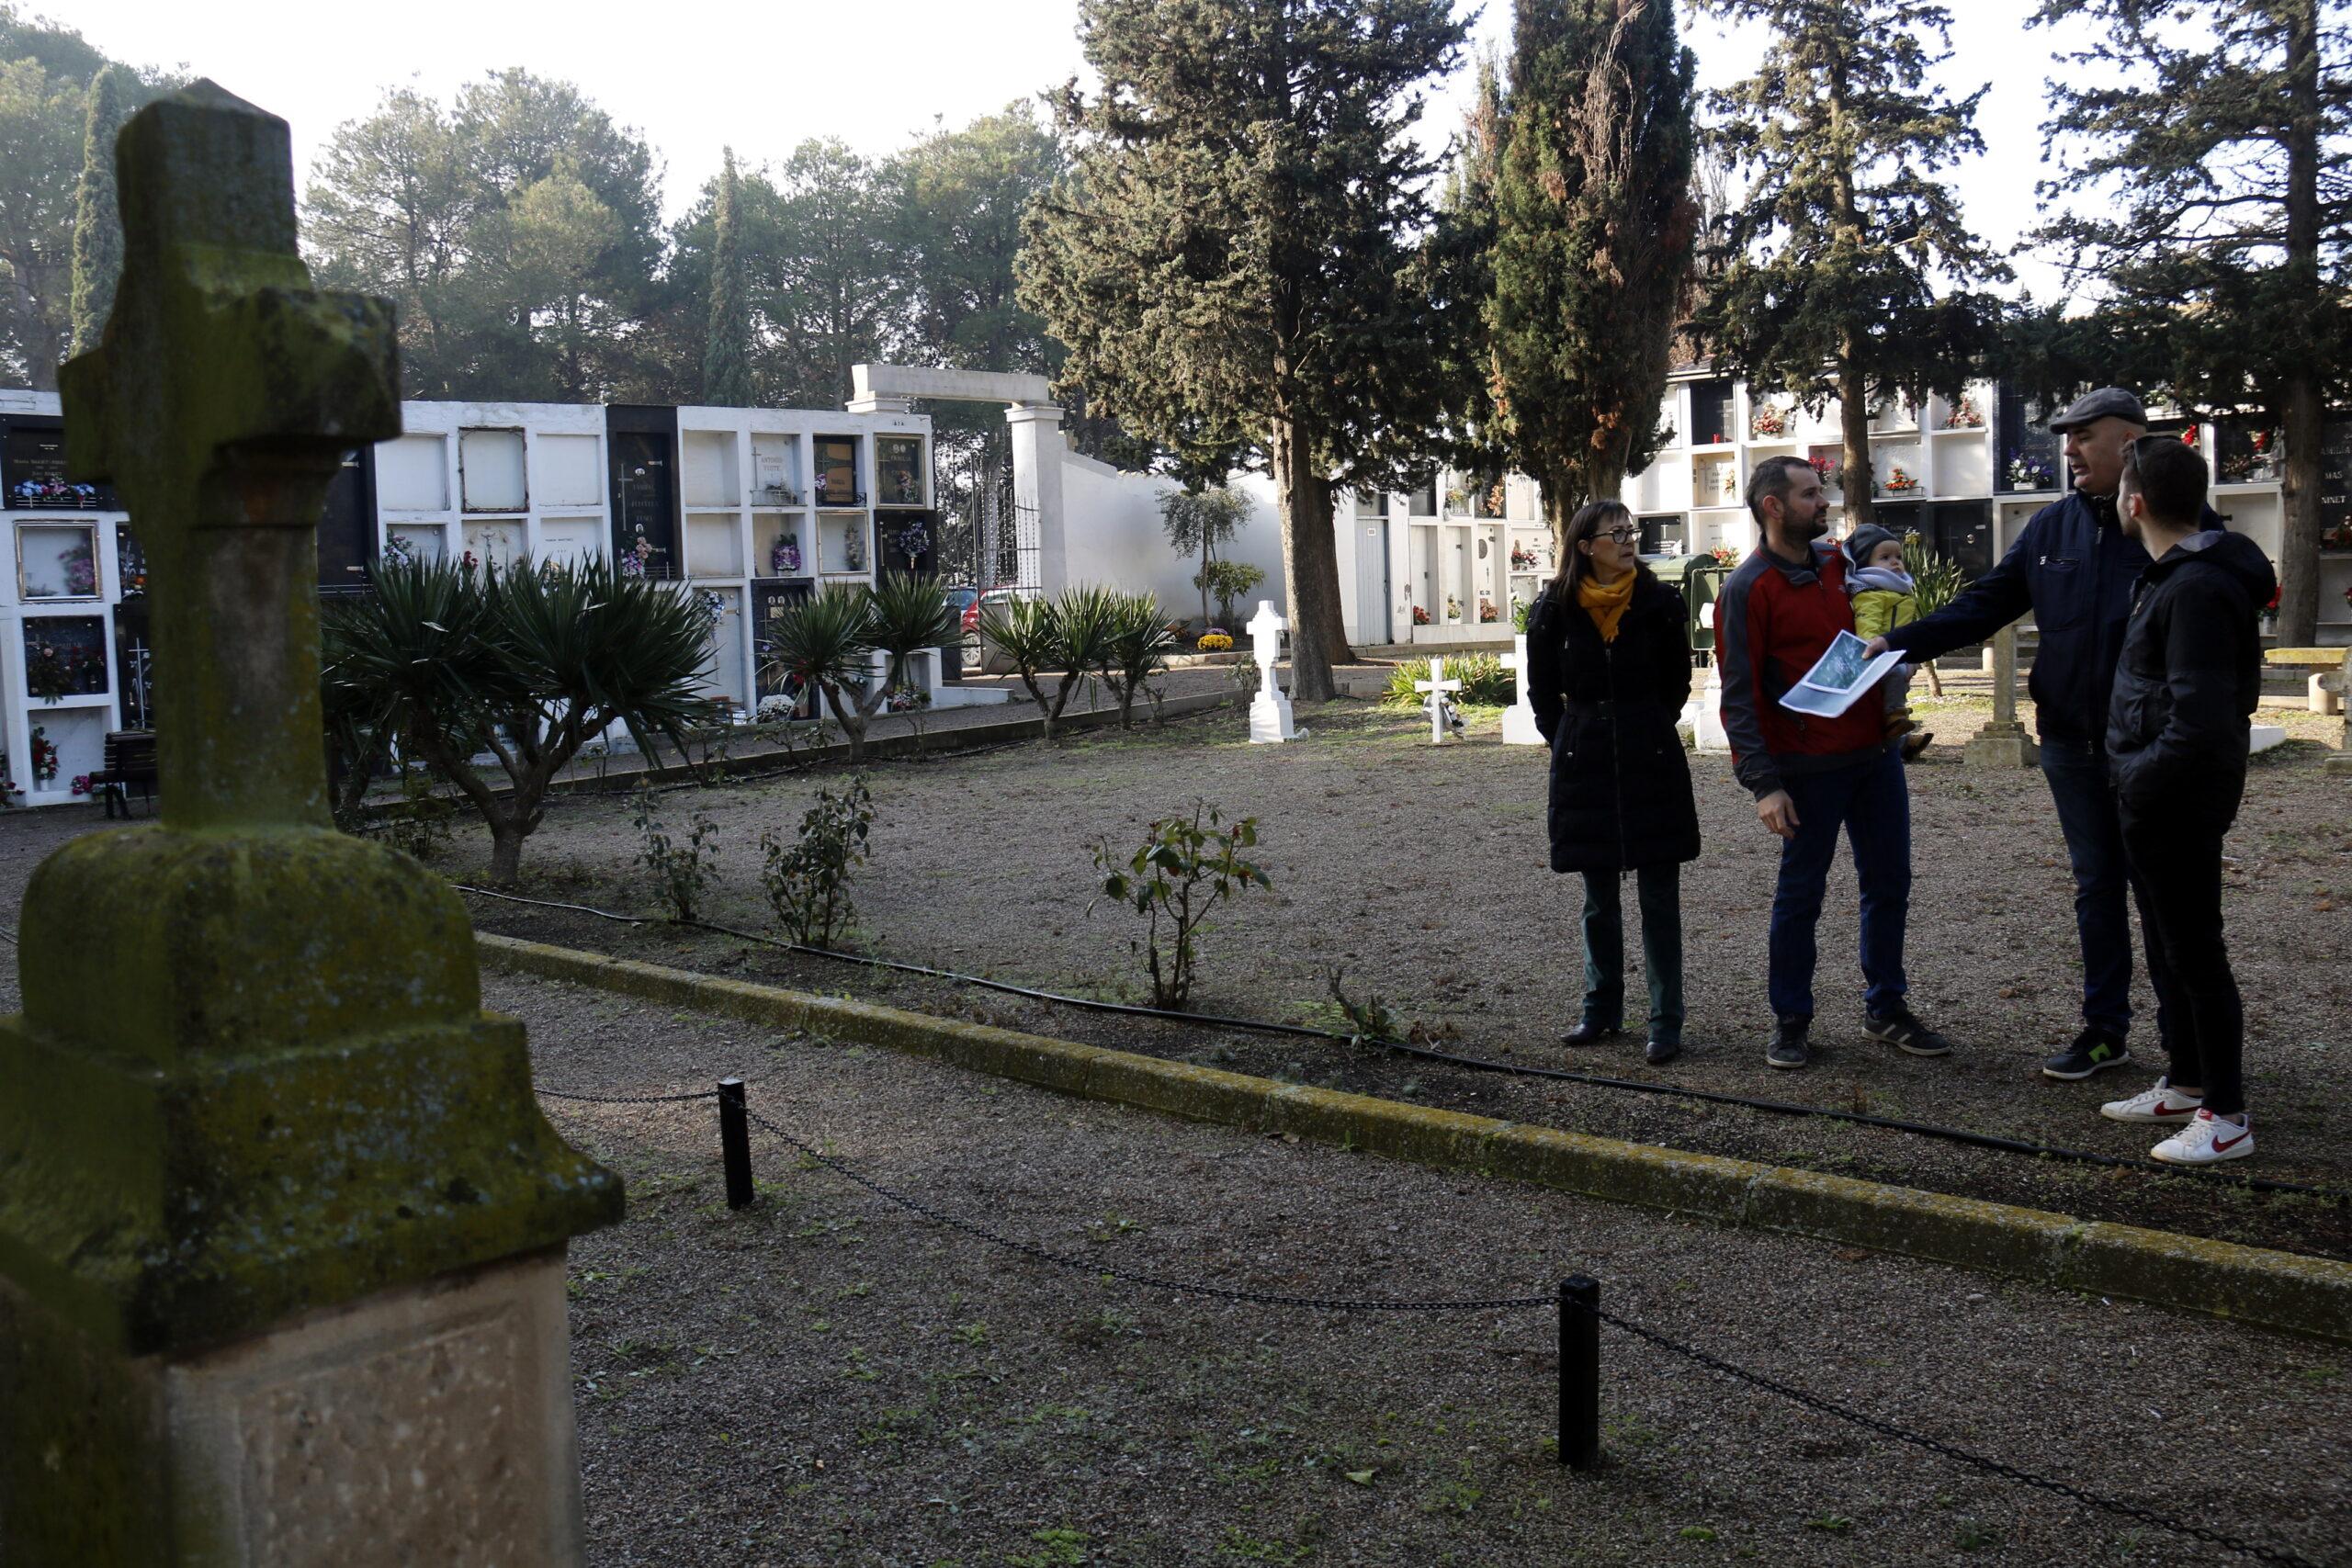 Pla obert on es pot veure la zona del cementiri de Bell-lloc d'Urgell on hi hauria una fossa de la guerra i l'alcalde i regidors en una banda mirant documentació, el 3 de desembre de 2018. (Horitzontal)